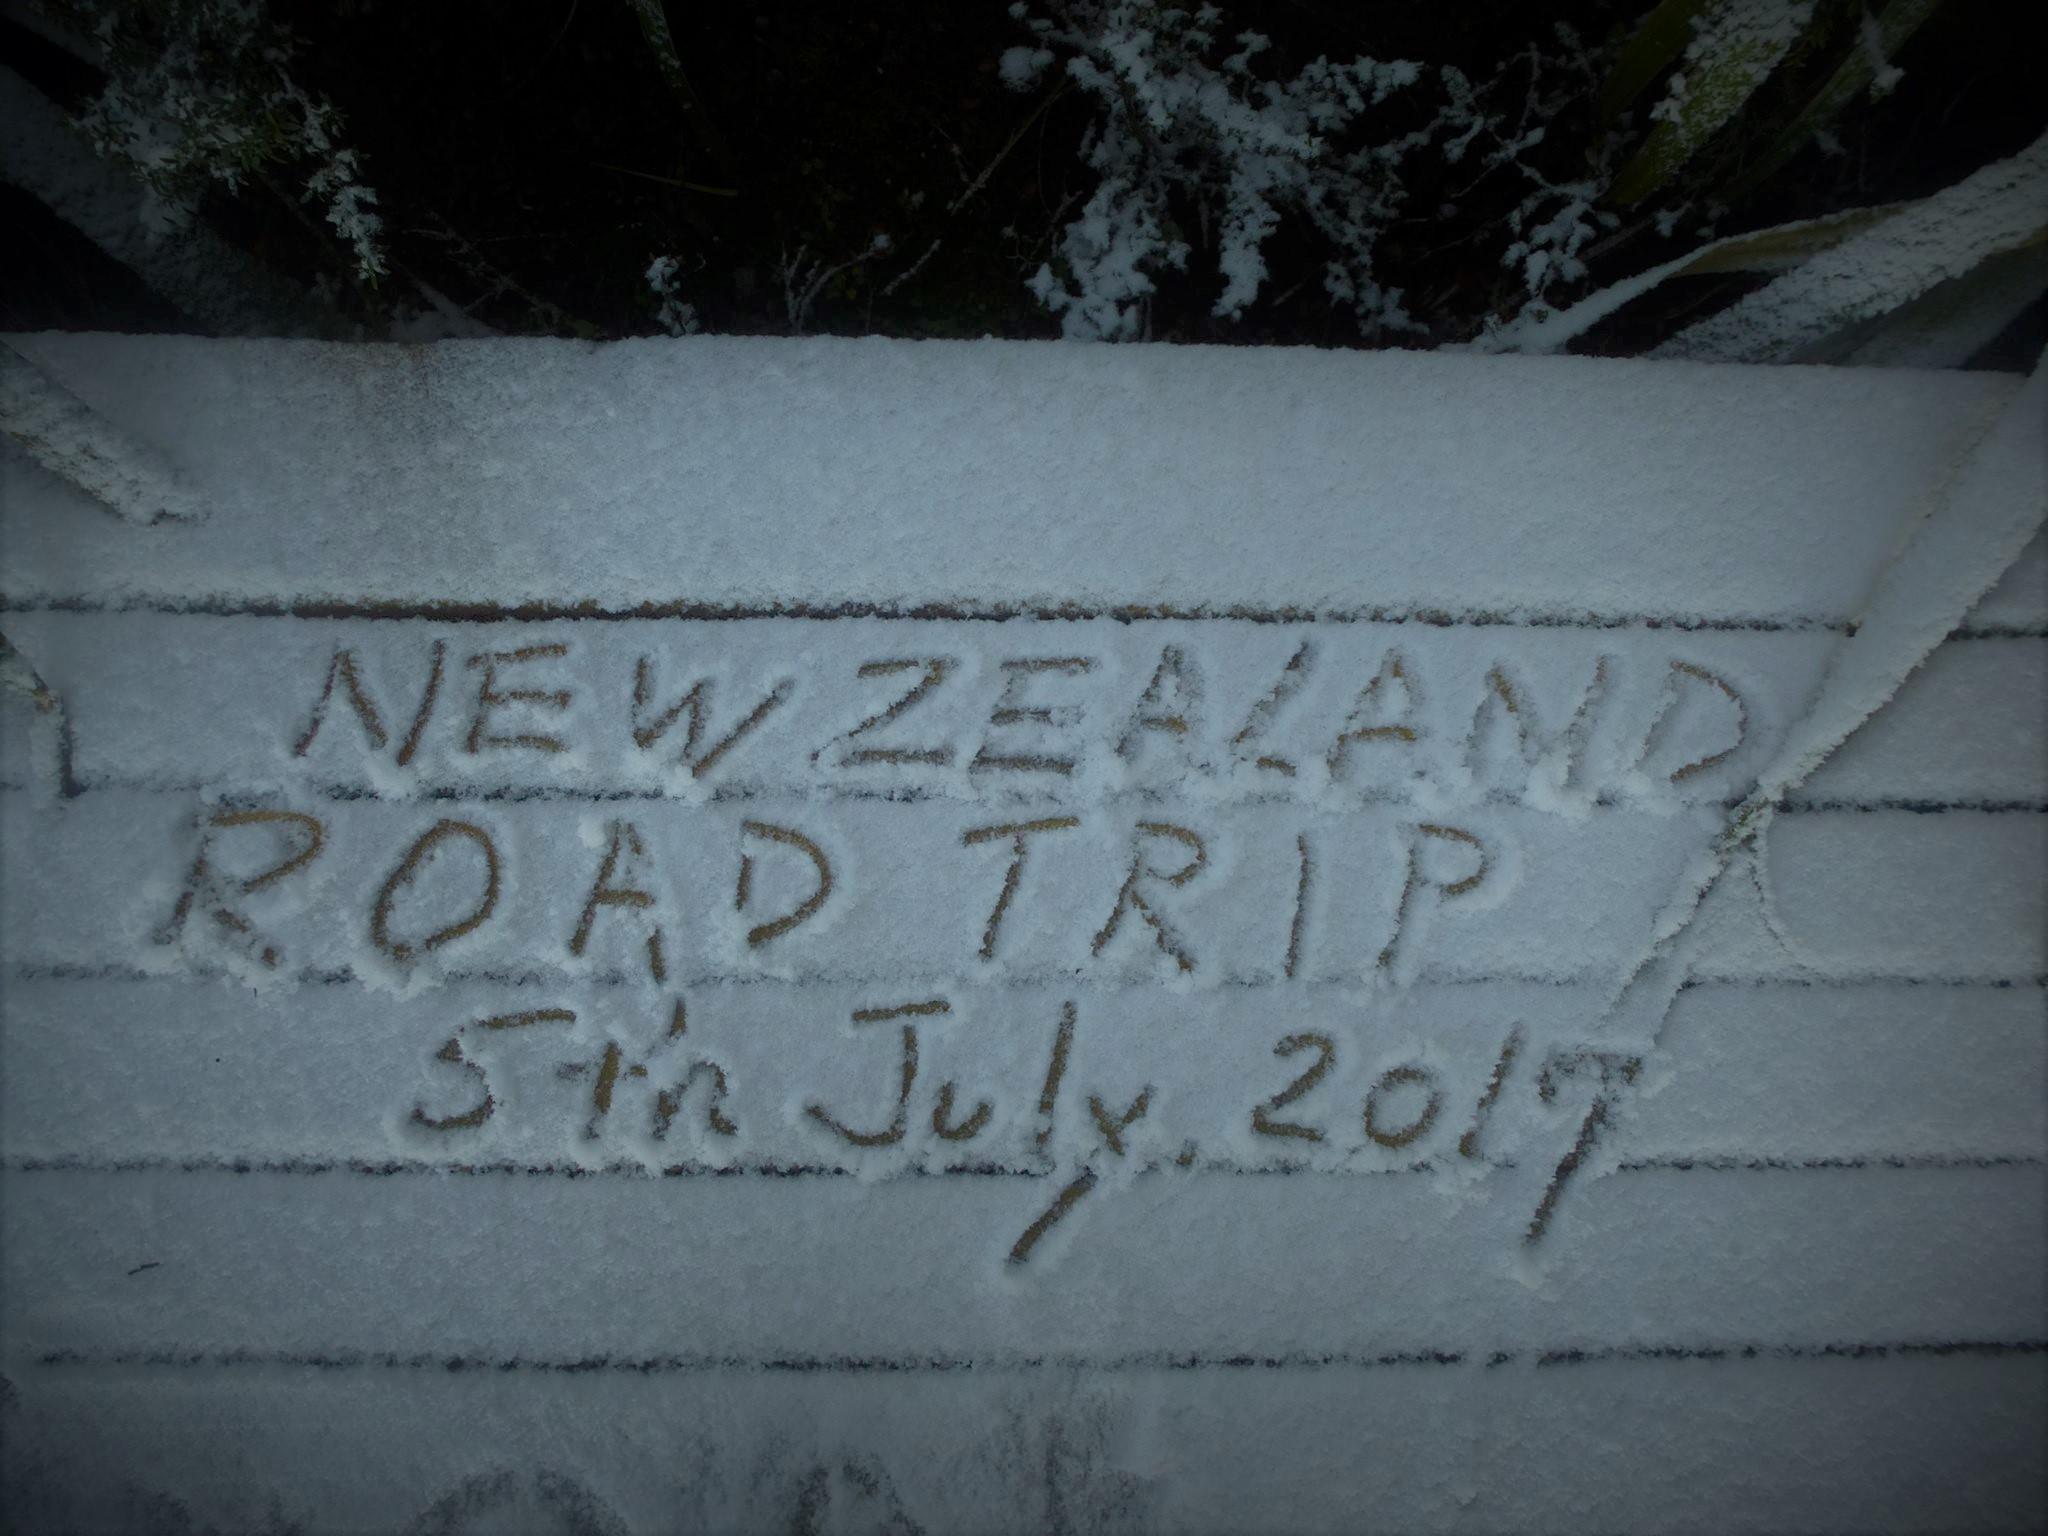 ニュージーランド旅ブログ・真冬の6週間縦断⑨【カフランギ 国立公園/アーサー山】